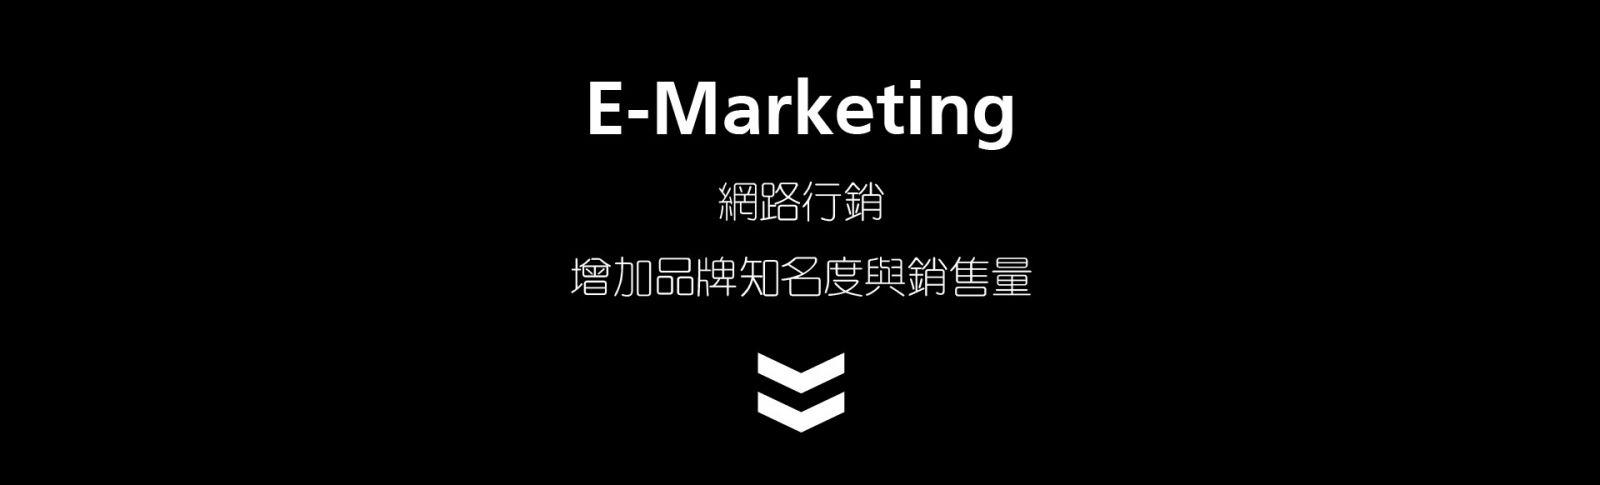 網路行銷E-Marketing  增加品牌知名度與銷售量 粉絲團經營 關鍵字優化 通路廣告曝光 多媒體廣告設計 社群網路增加您的網站流量 搜尋引擎優化建立相關連結 進而提高銷售量和品牌知名度、曝光度 多元化的行銷整合